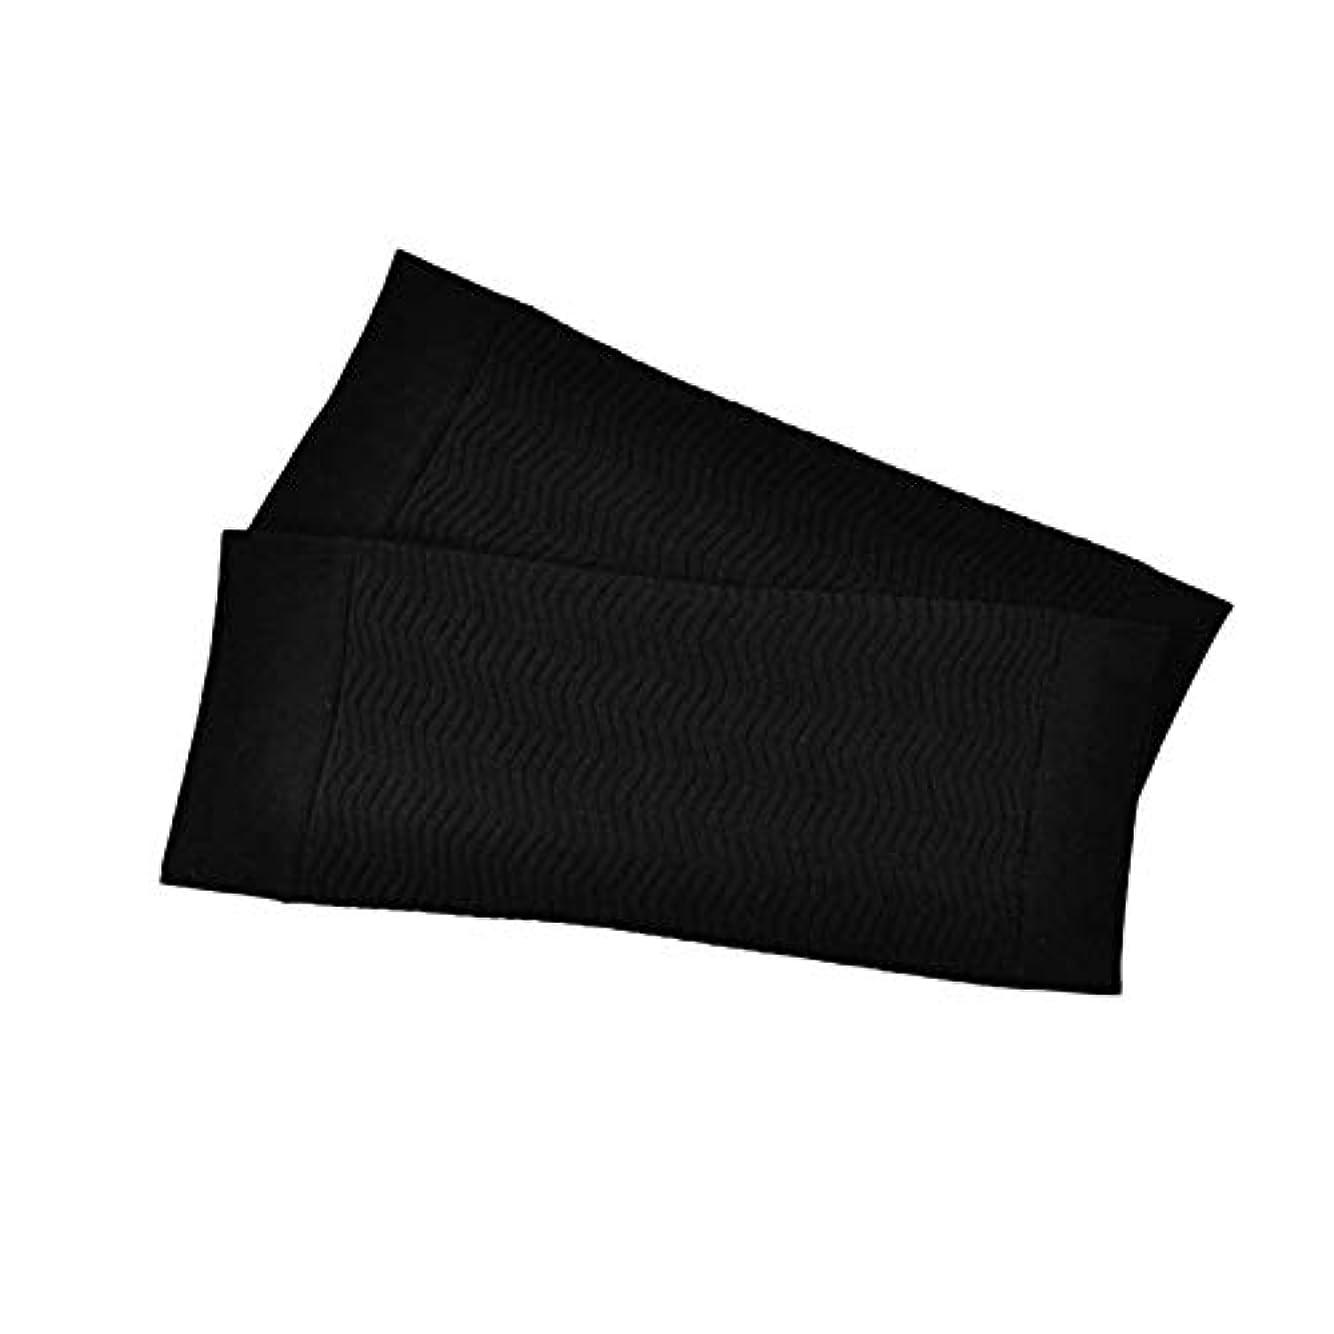 サッカー延期するブロンズ1ペア680 D圧縮アームシェイパーワークアウトトーニングバーンセルライトスリミングアームスリーブ脂肪燃焼半袖用女性 - ブラック